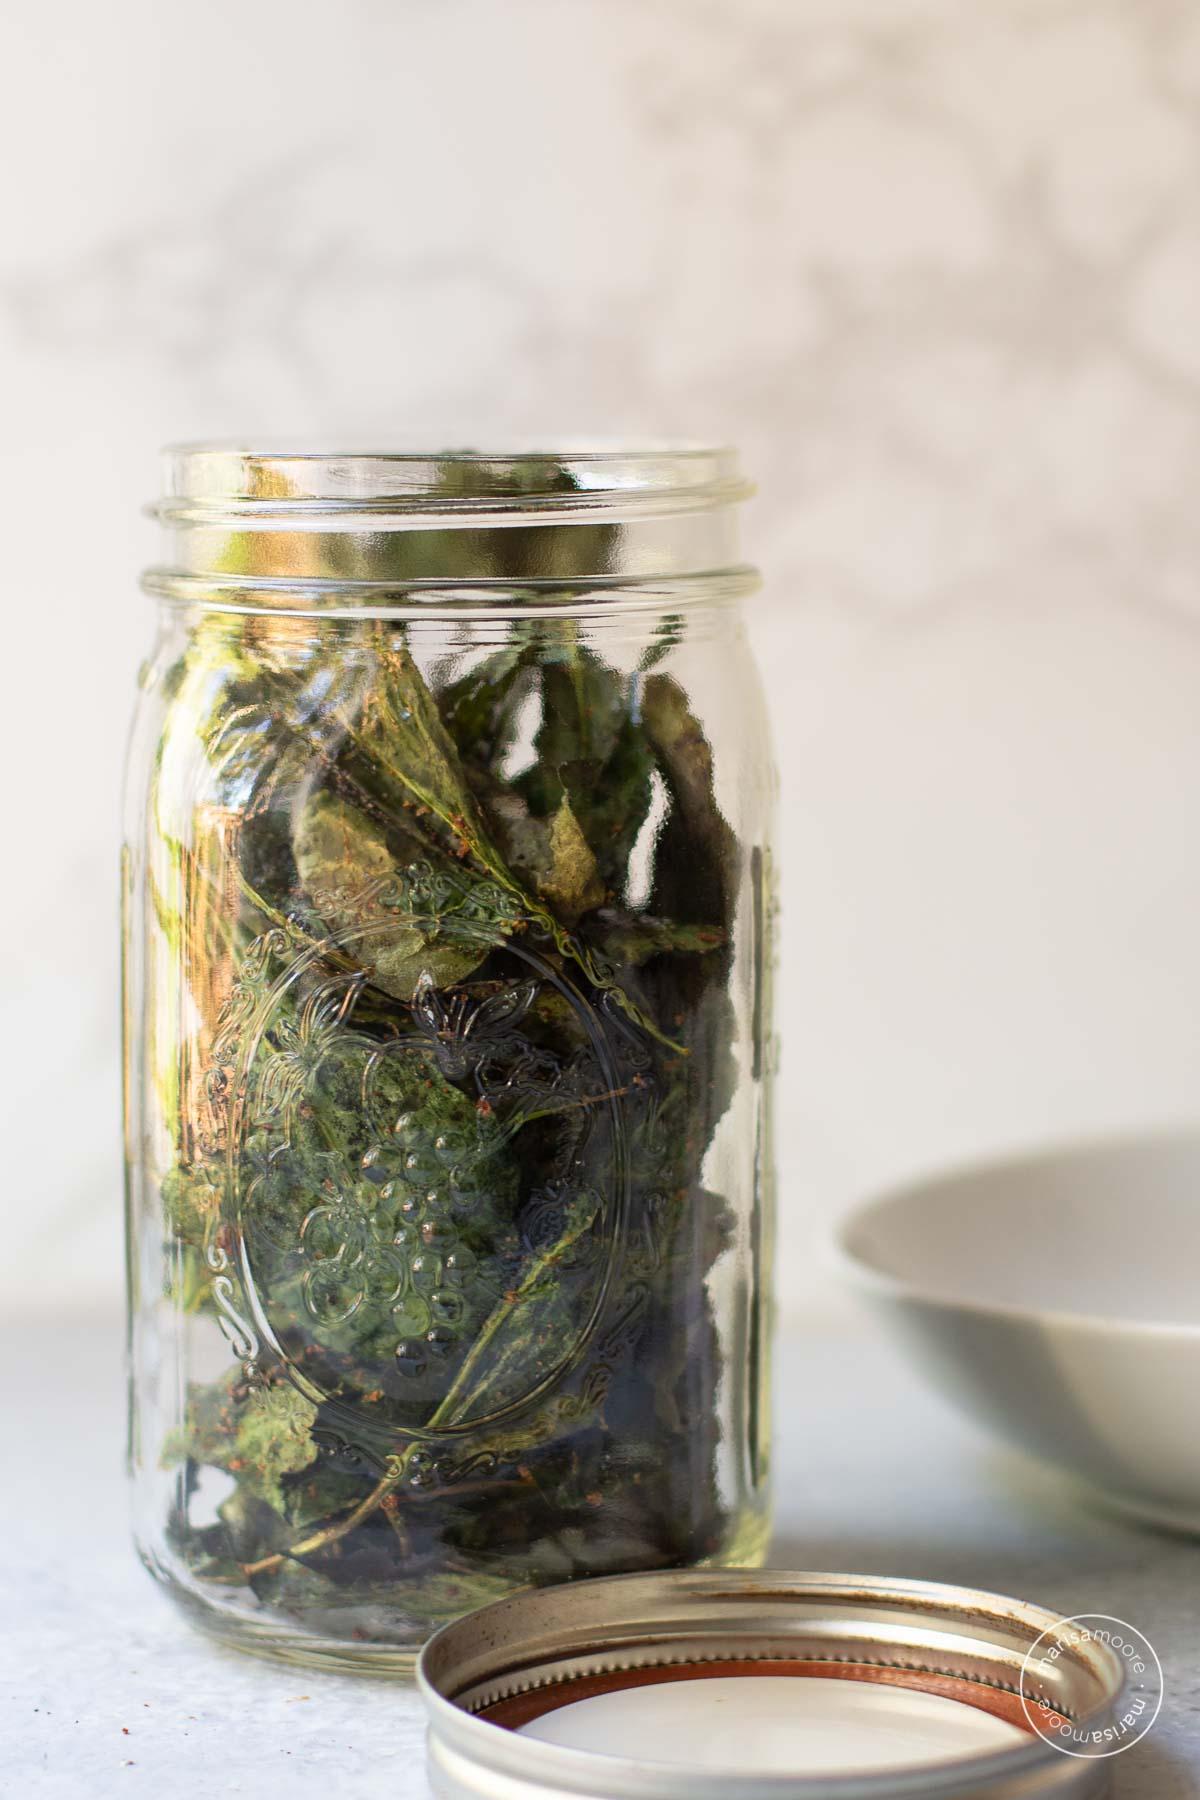 Quart size jar filled with kale chips.